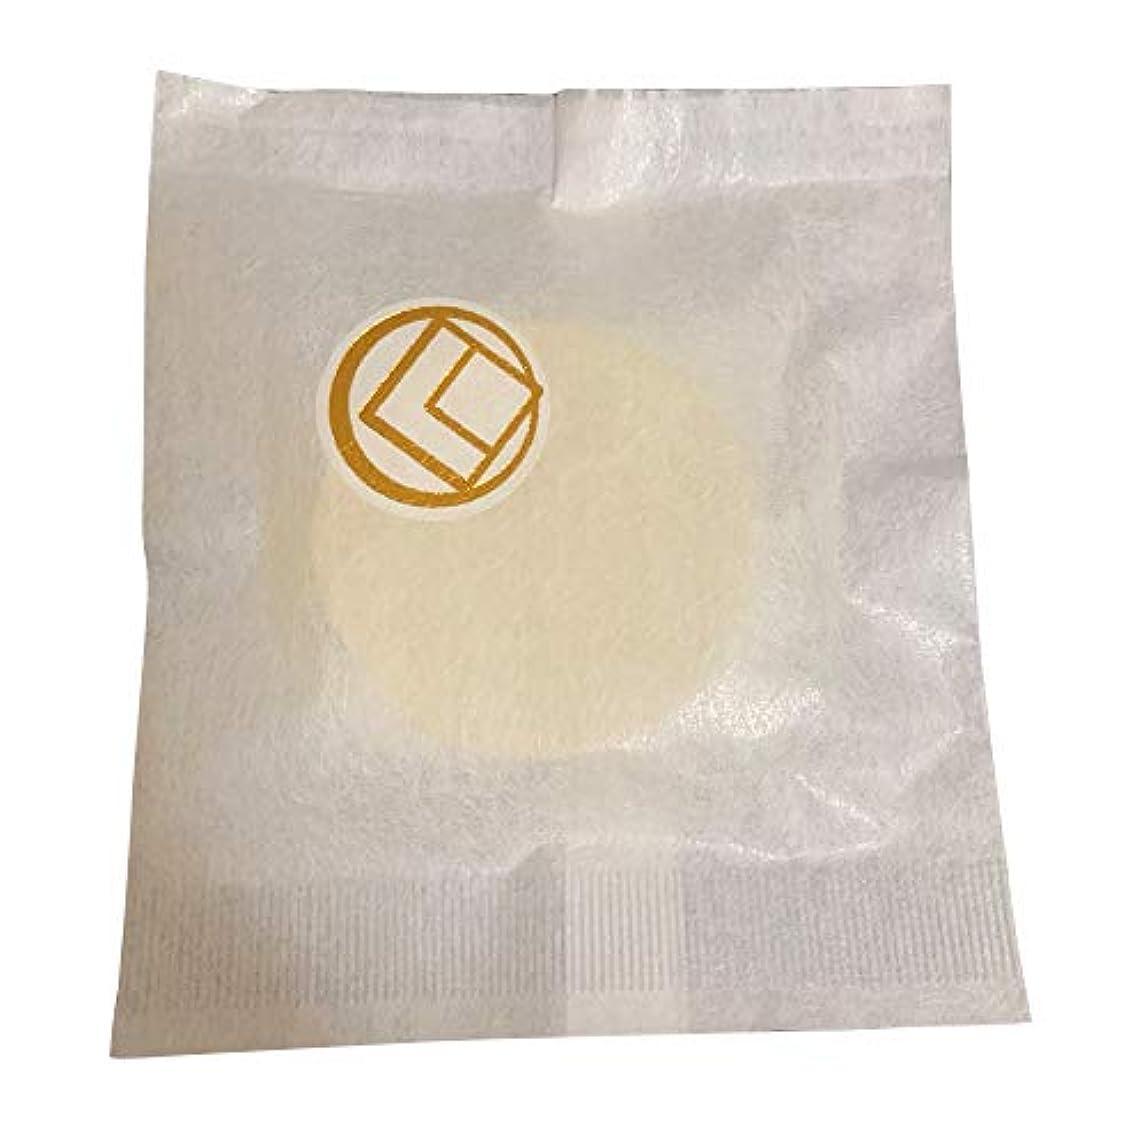 感謝する悪化するグリーンバック【肌断食専用】美塩(うつくしお)メイク落とし石鹸